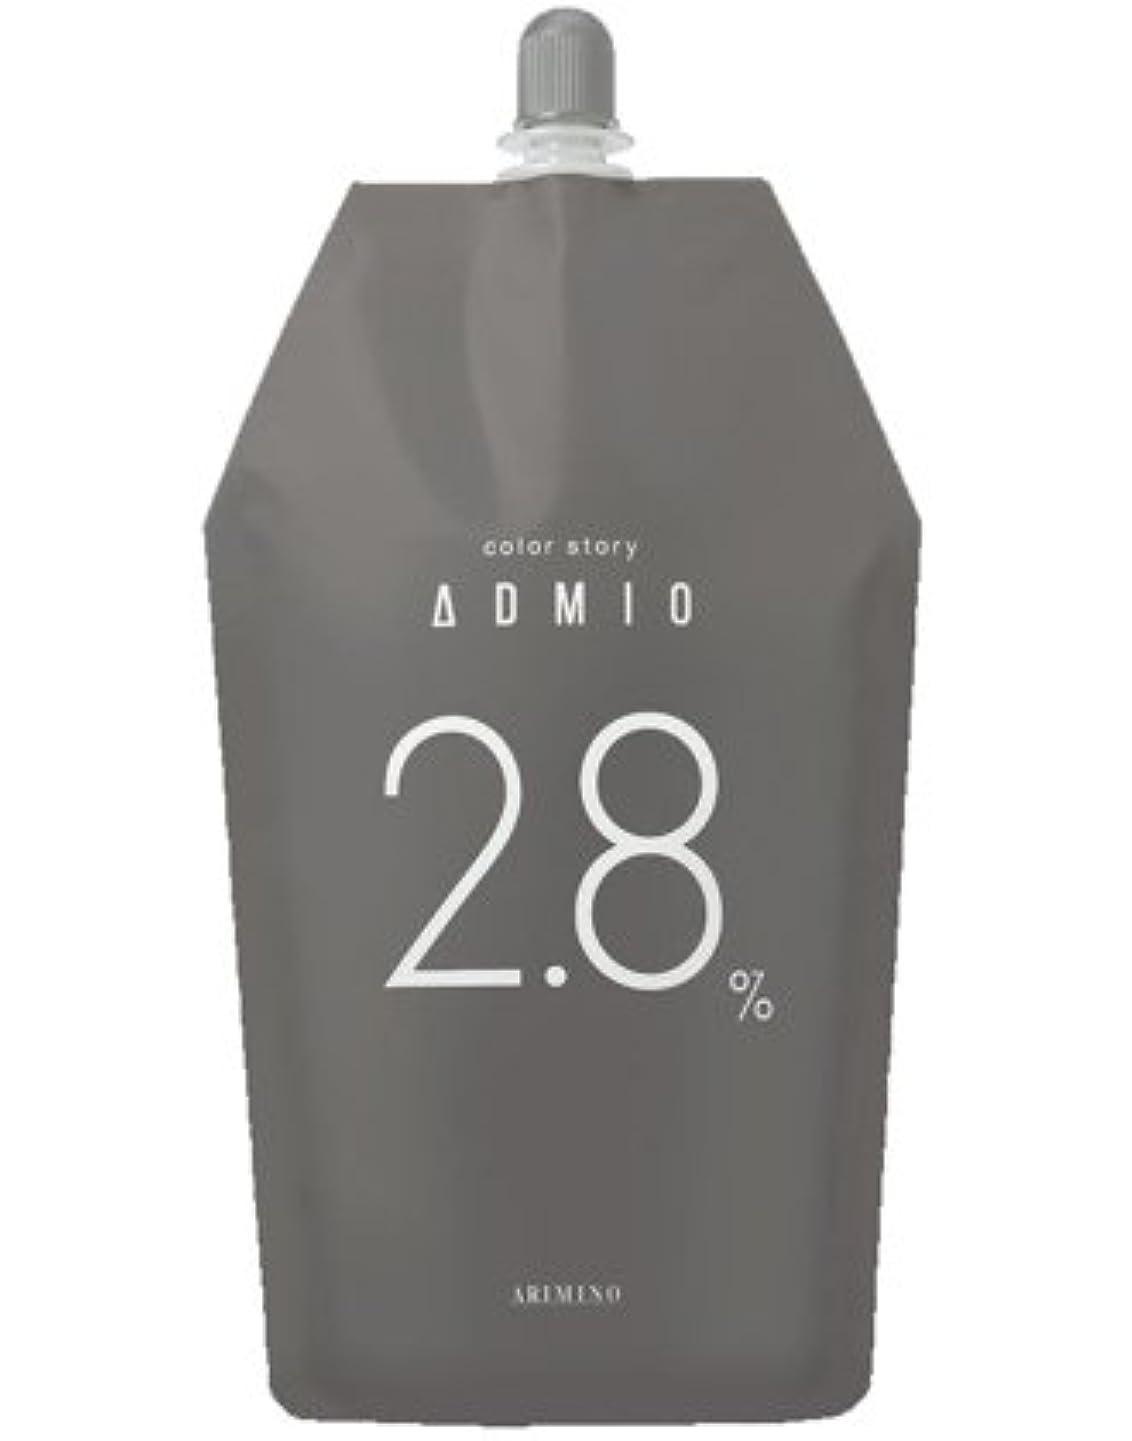 落胆させる固体威する【アリミノ】カラーストーリー アドミオ OX 2.8% 1000ml